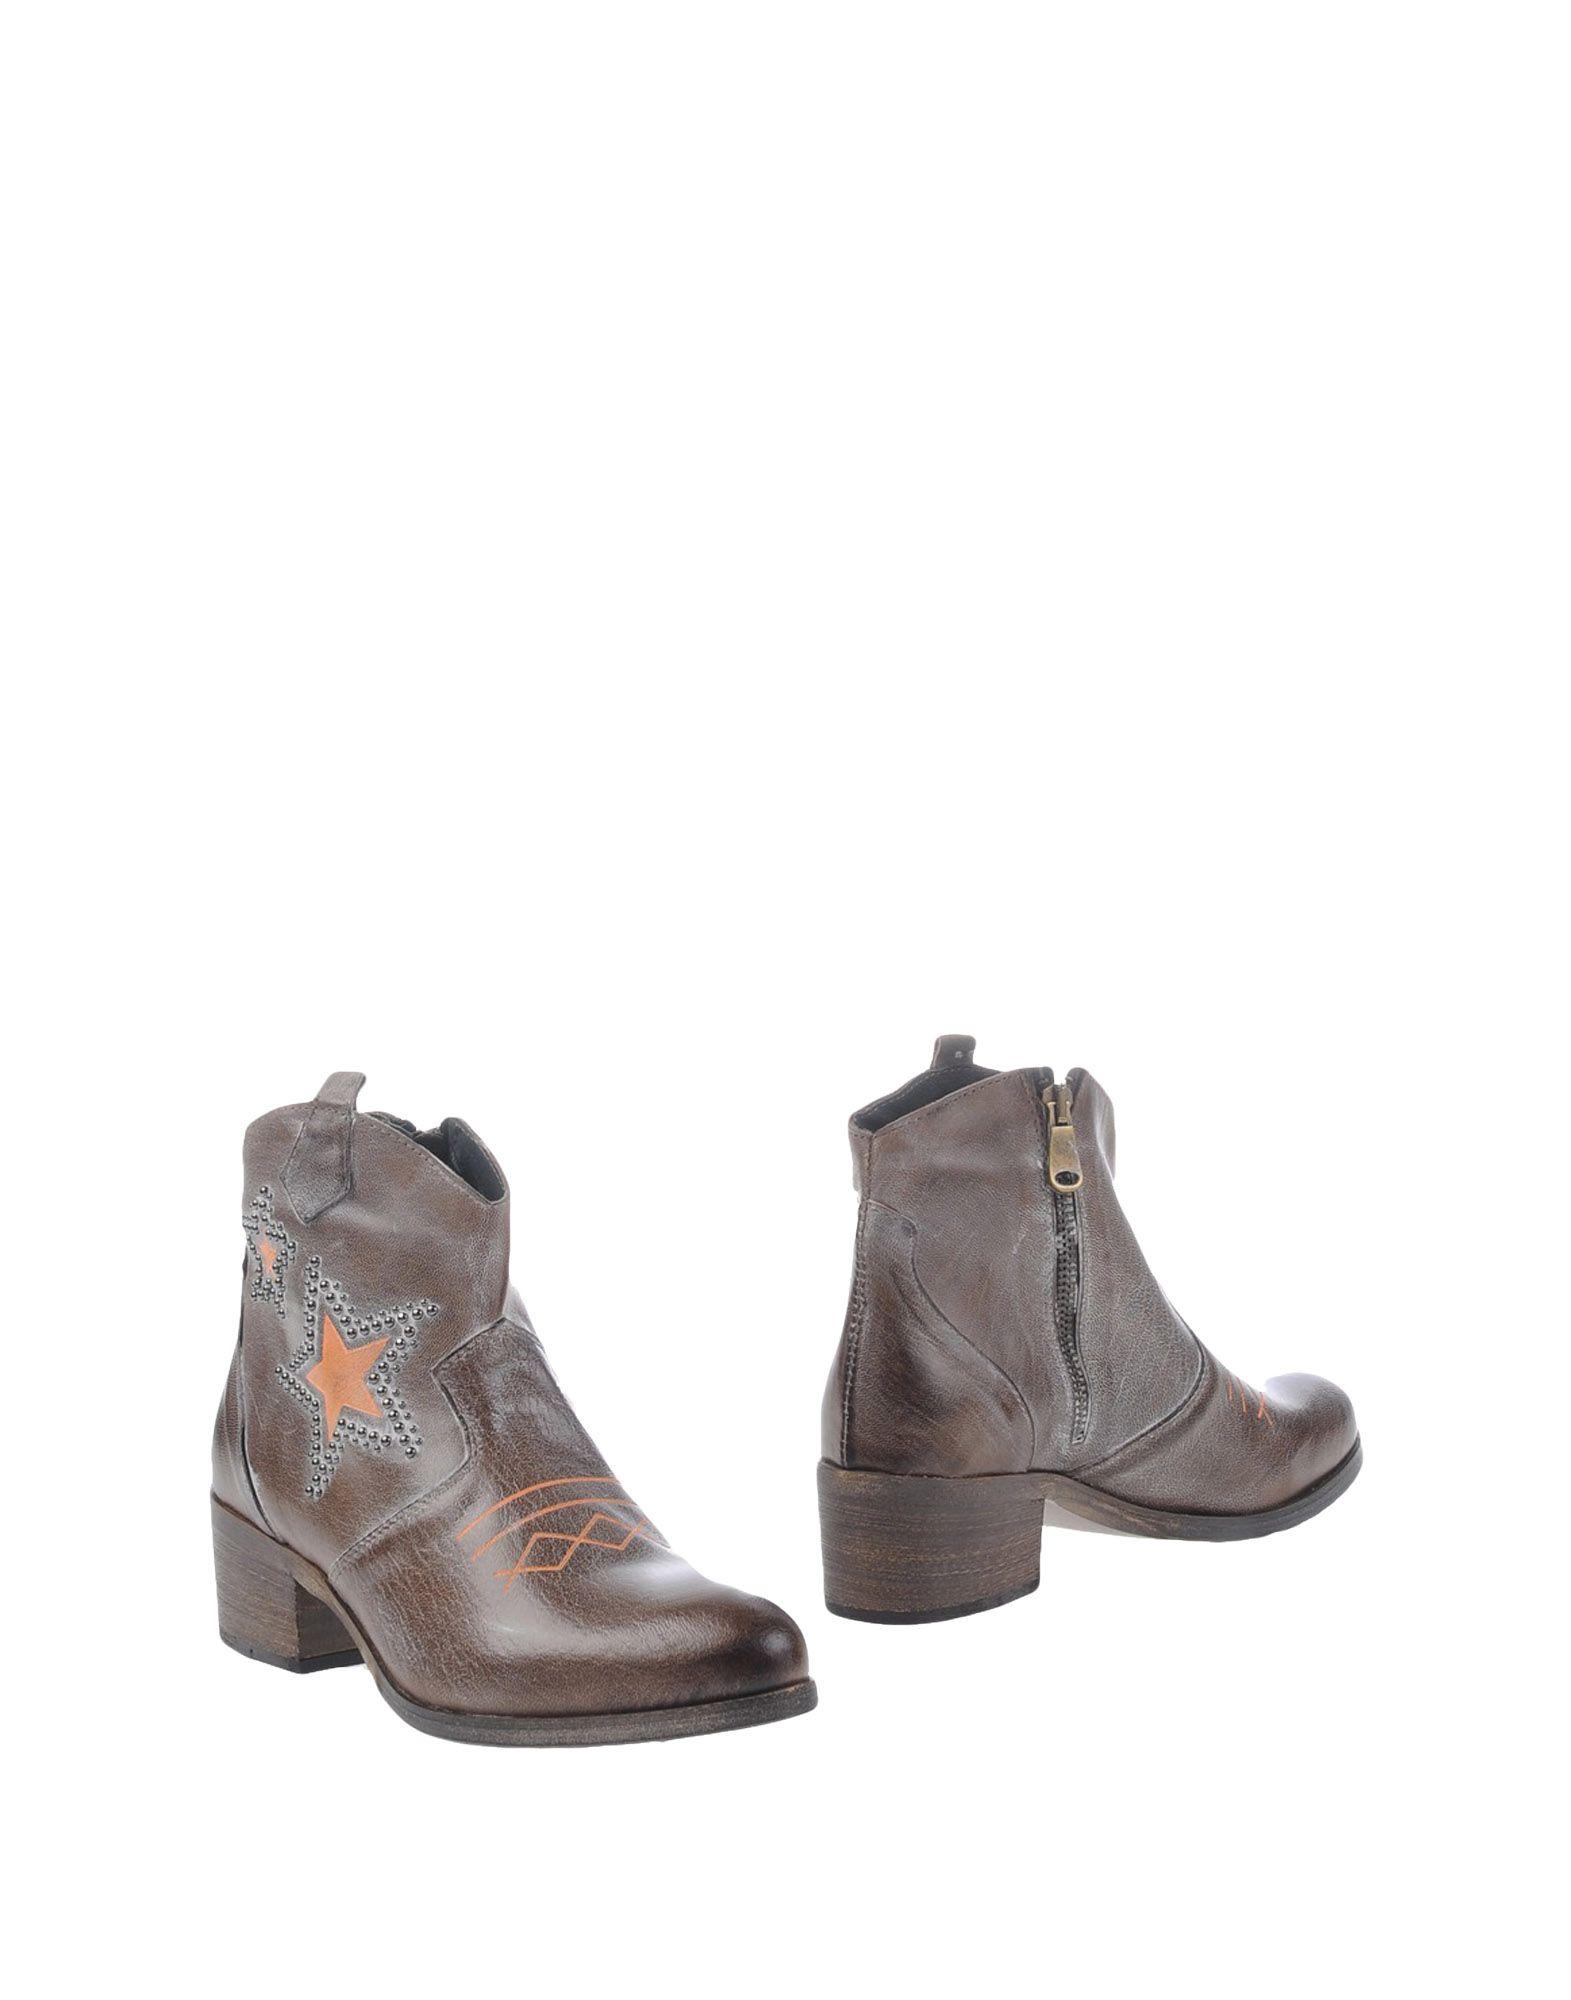 Divine Follie Stiefelette Qualität Damen  11224123SG Gute Qualität Stiefelette beliebte Schuhe 46ad4e